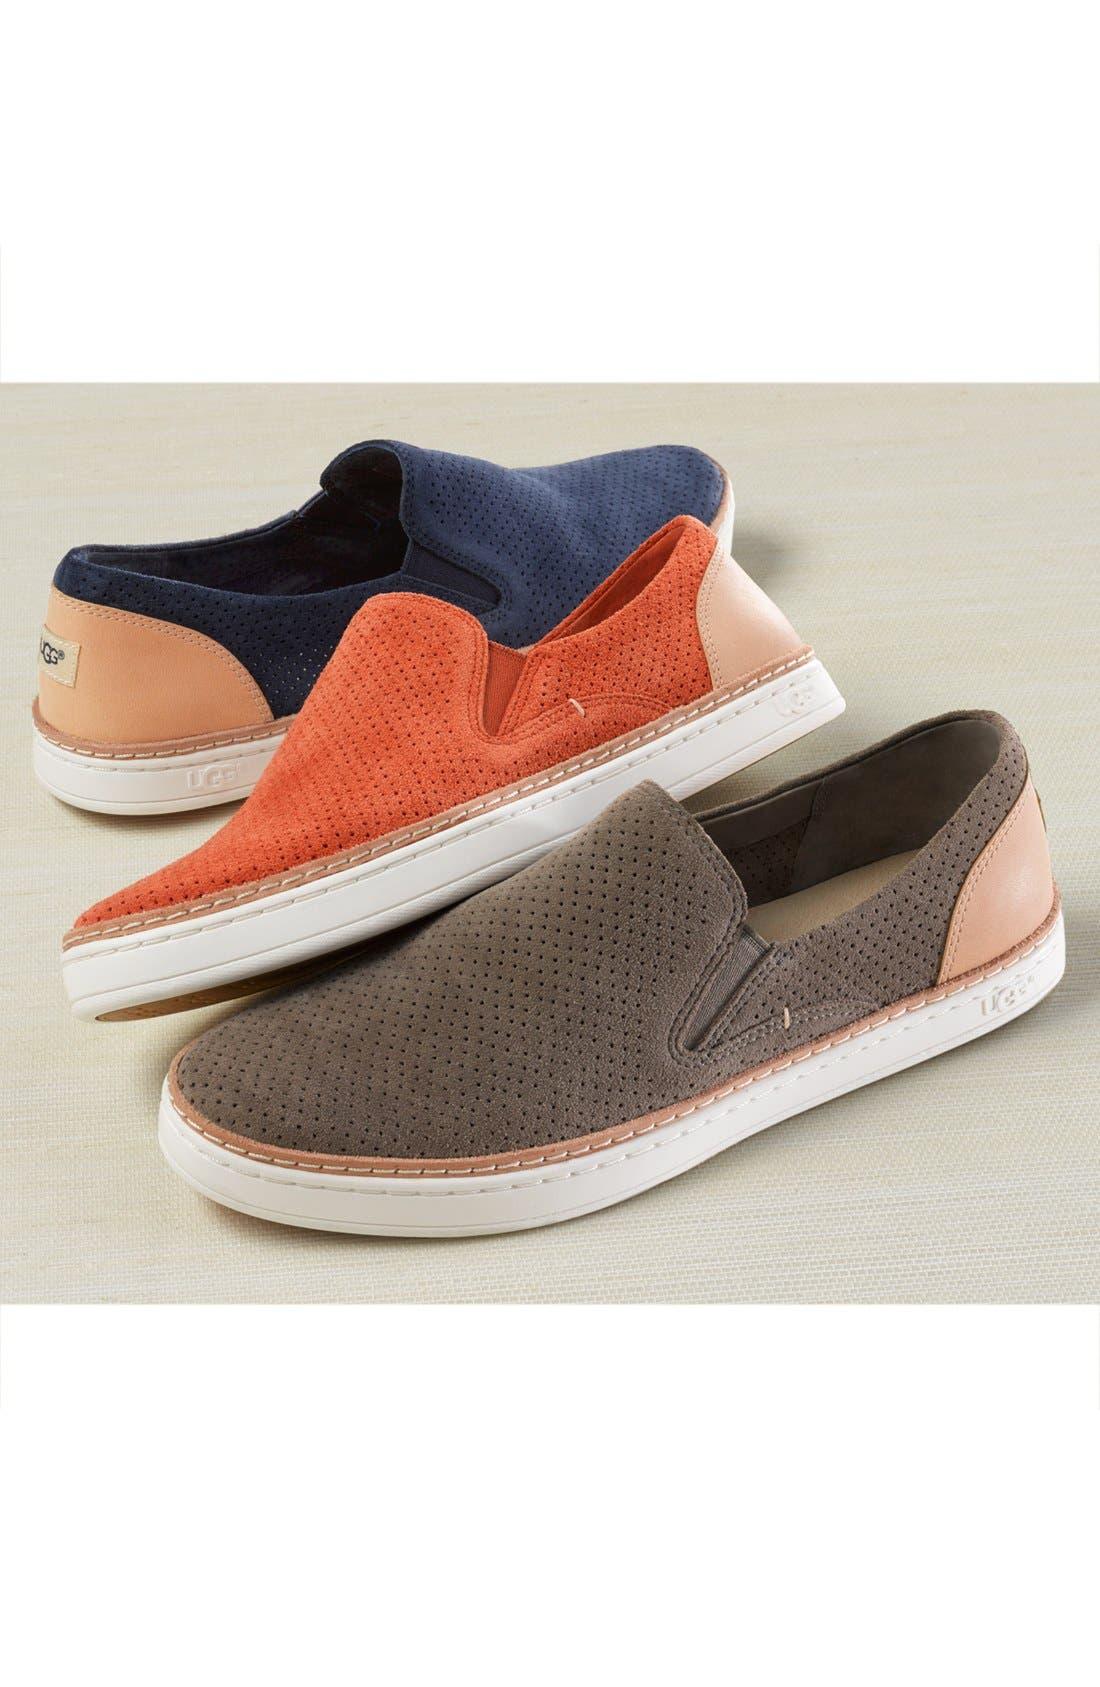 Adley Slip-On Sneaker,                             Alternate thumbnail 7, color,